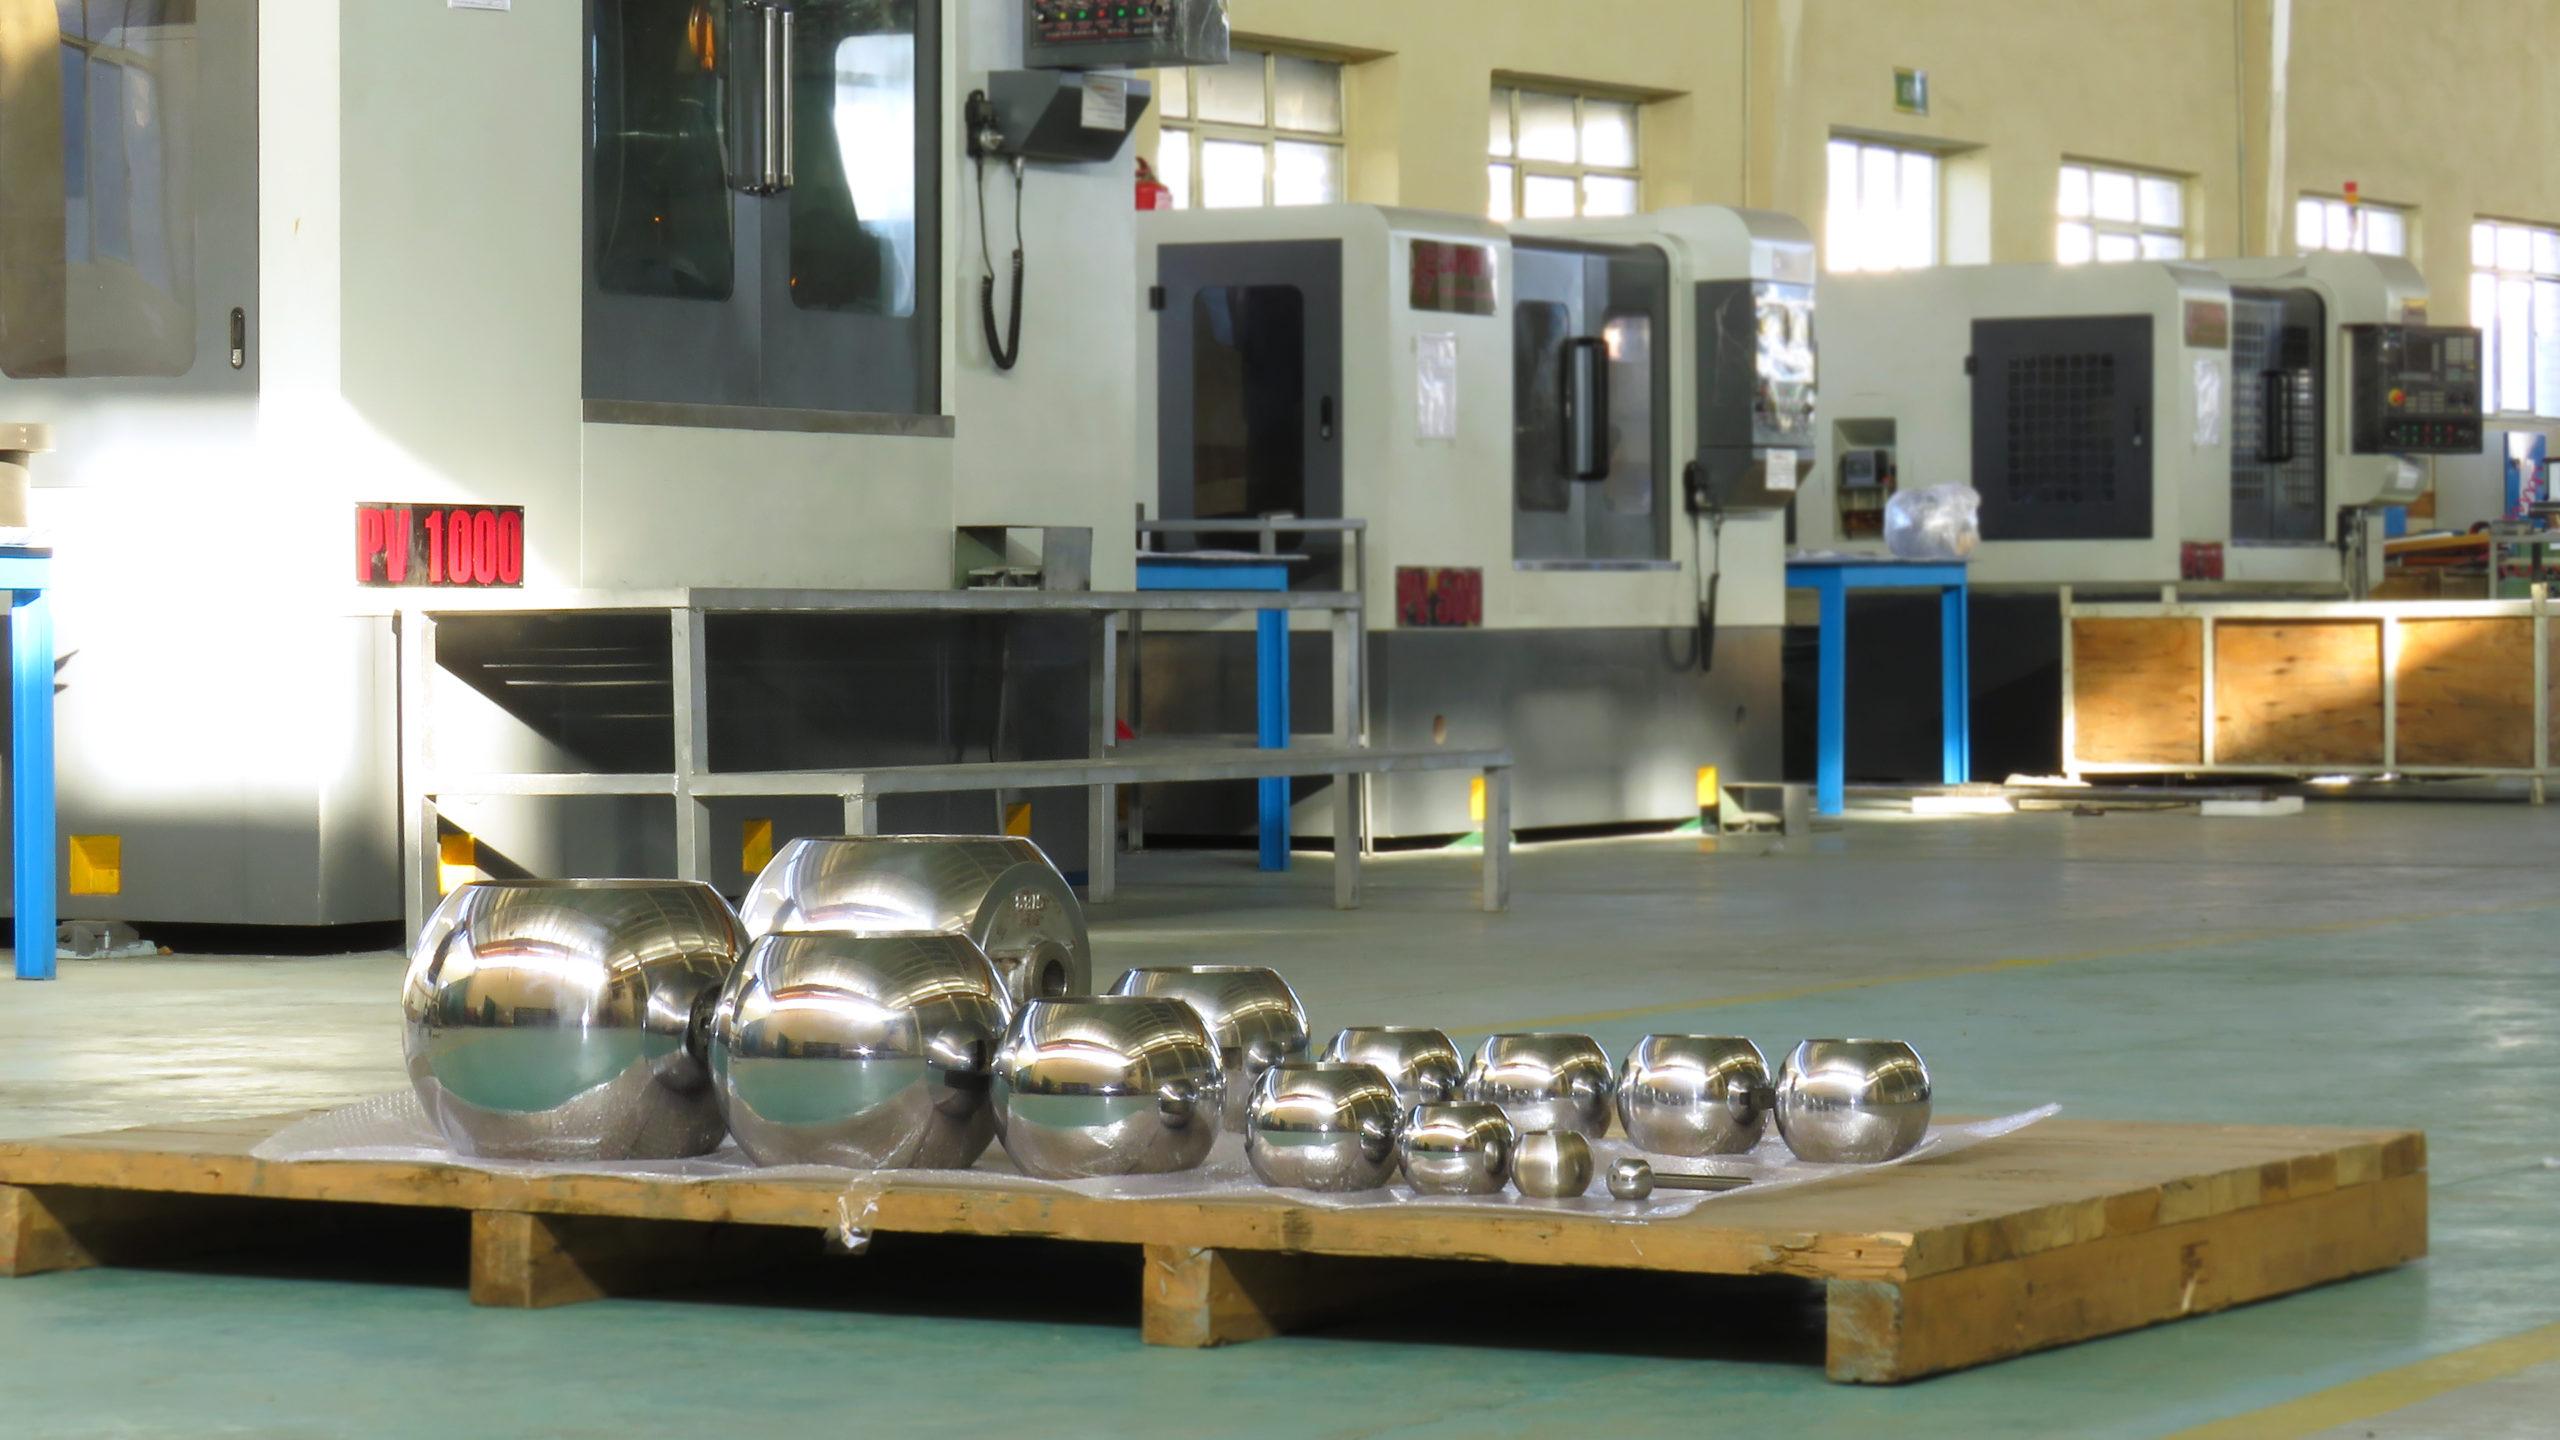 تنها تولید کننده قطعات توپی (ball) از سایز ۱.۲ الی ۳۰ اینچ درتمامی کلاس ها